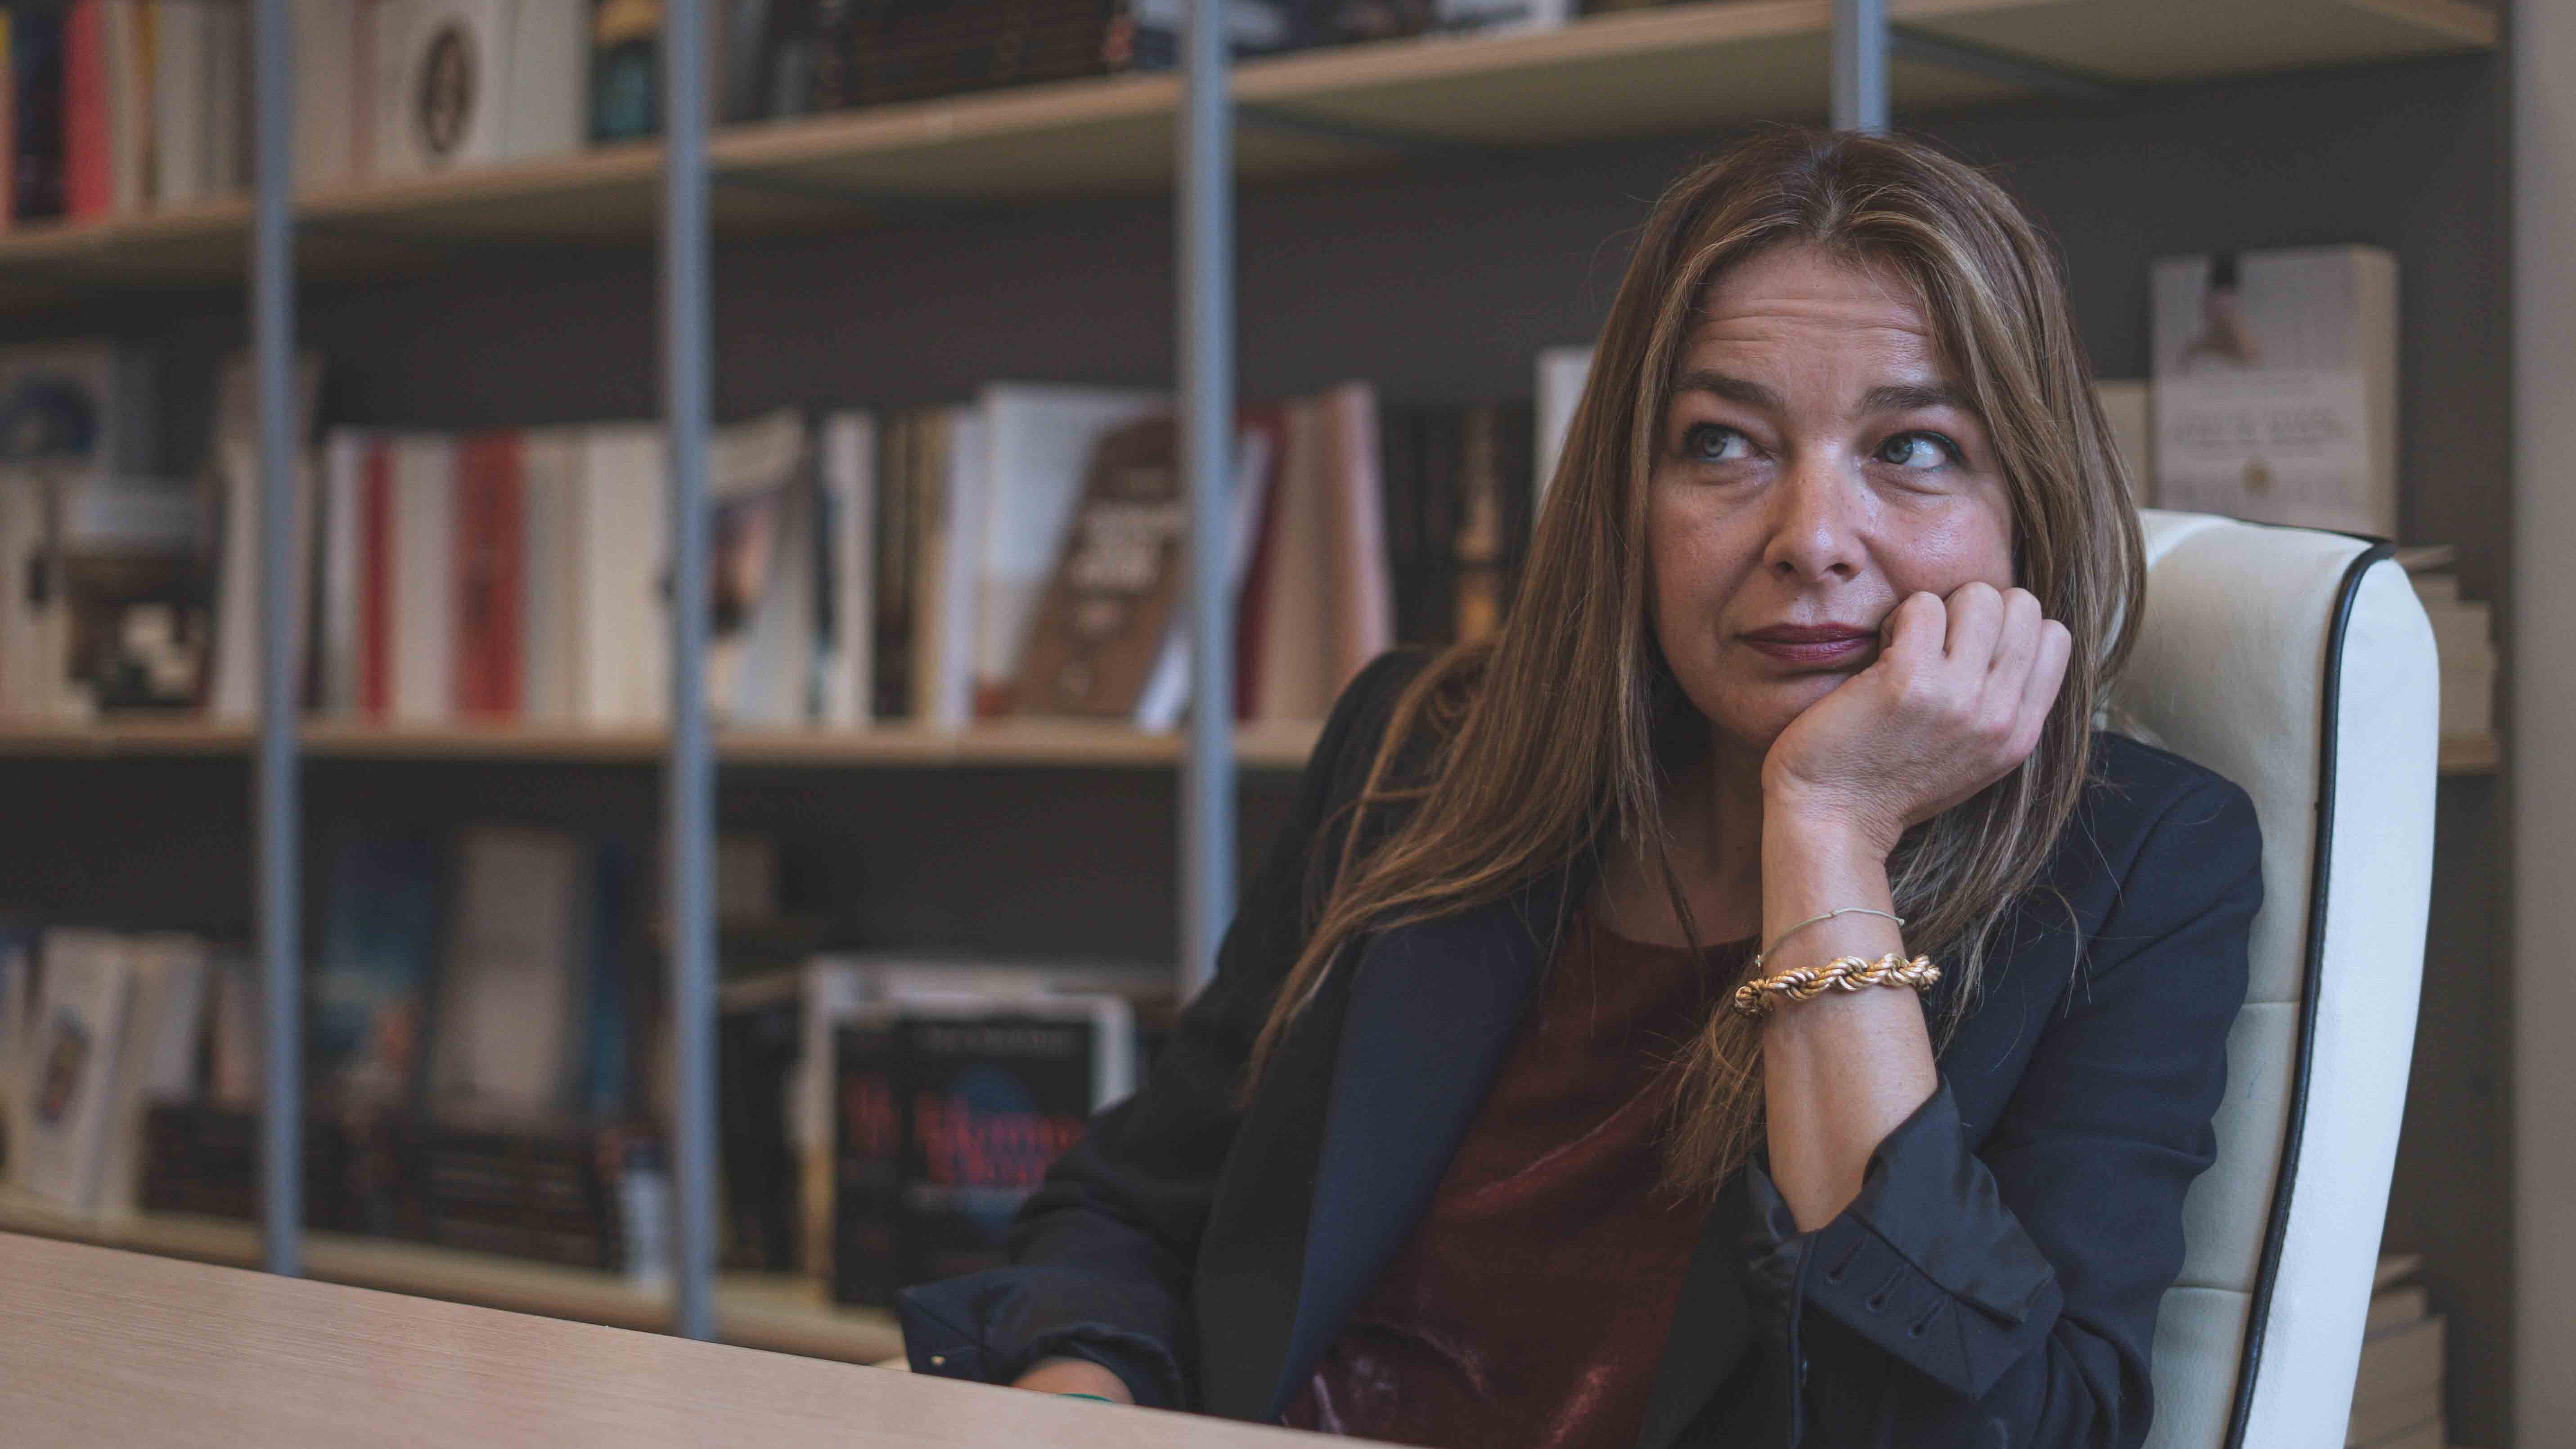 Lia Piano intervista